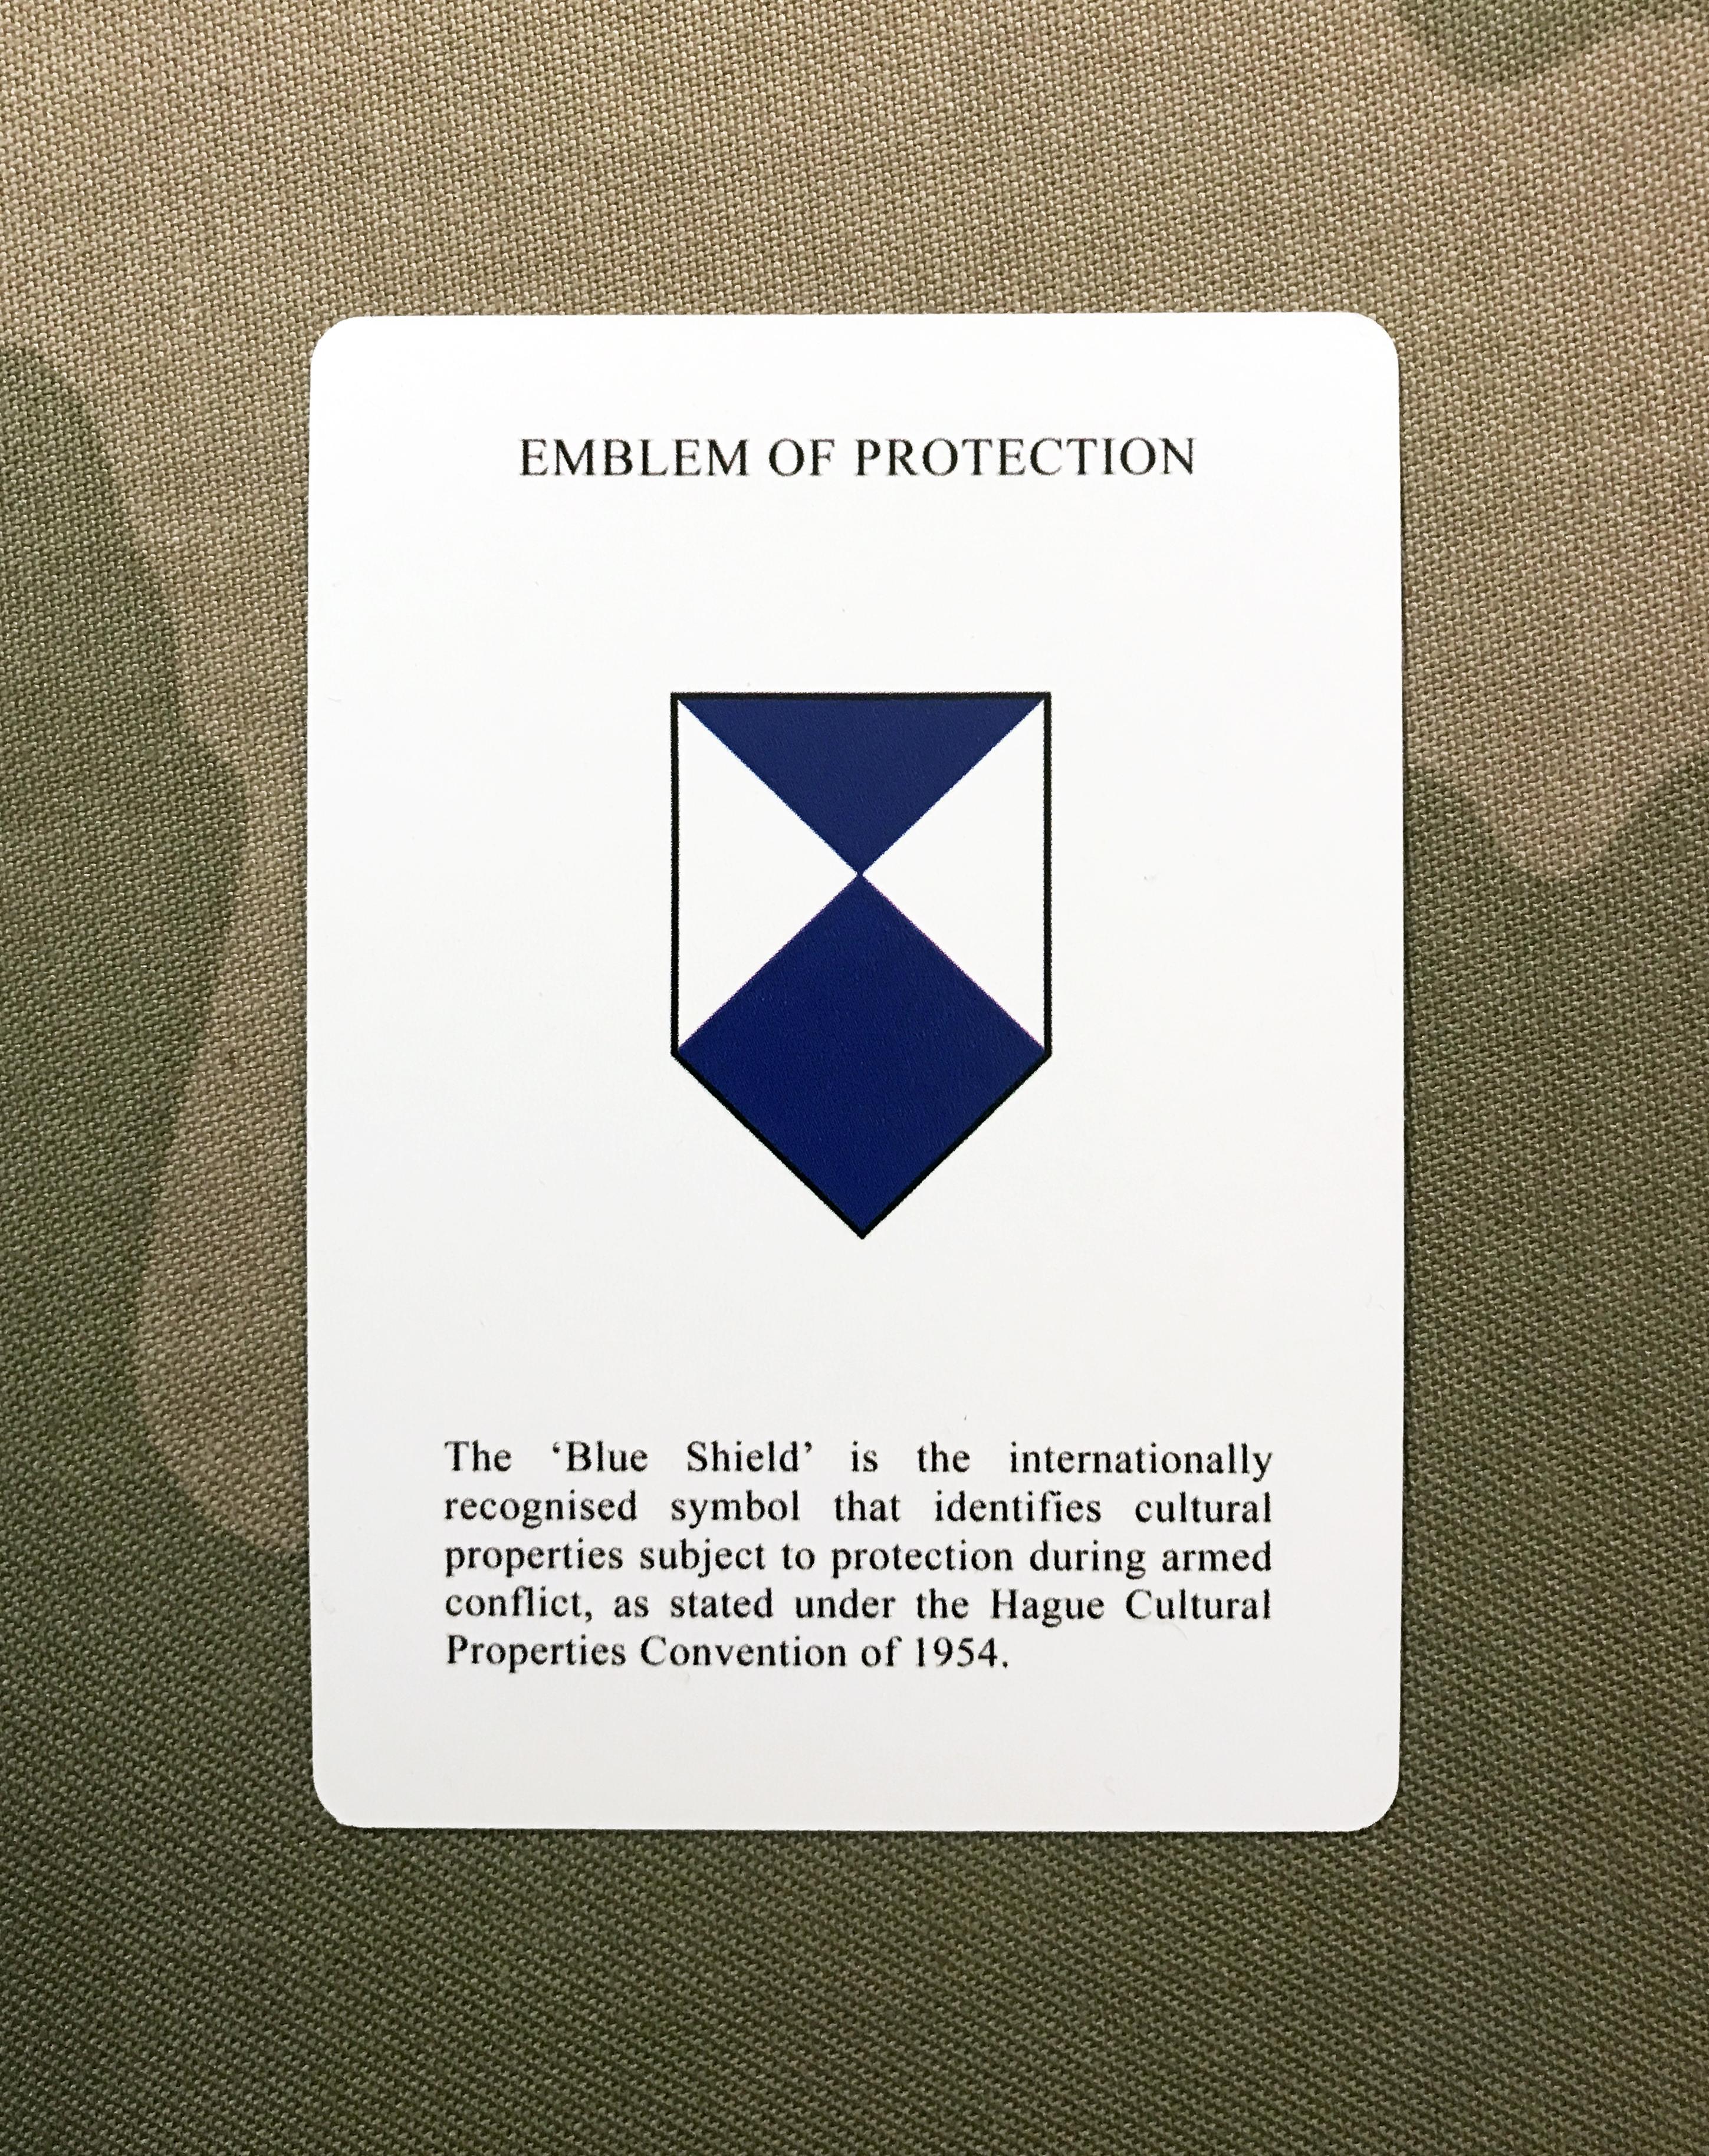 Info Card no